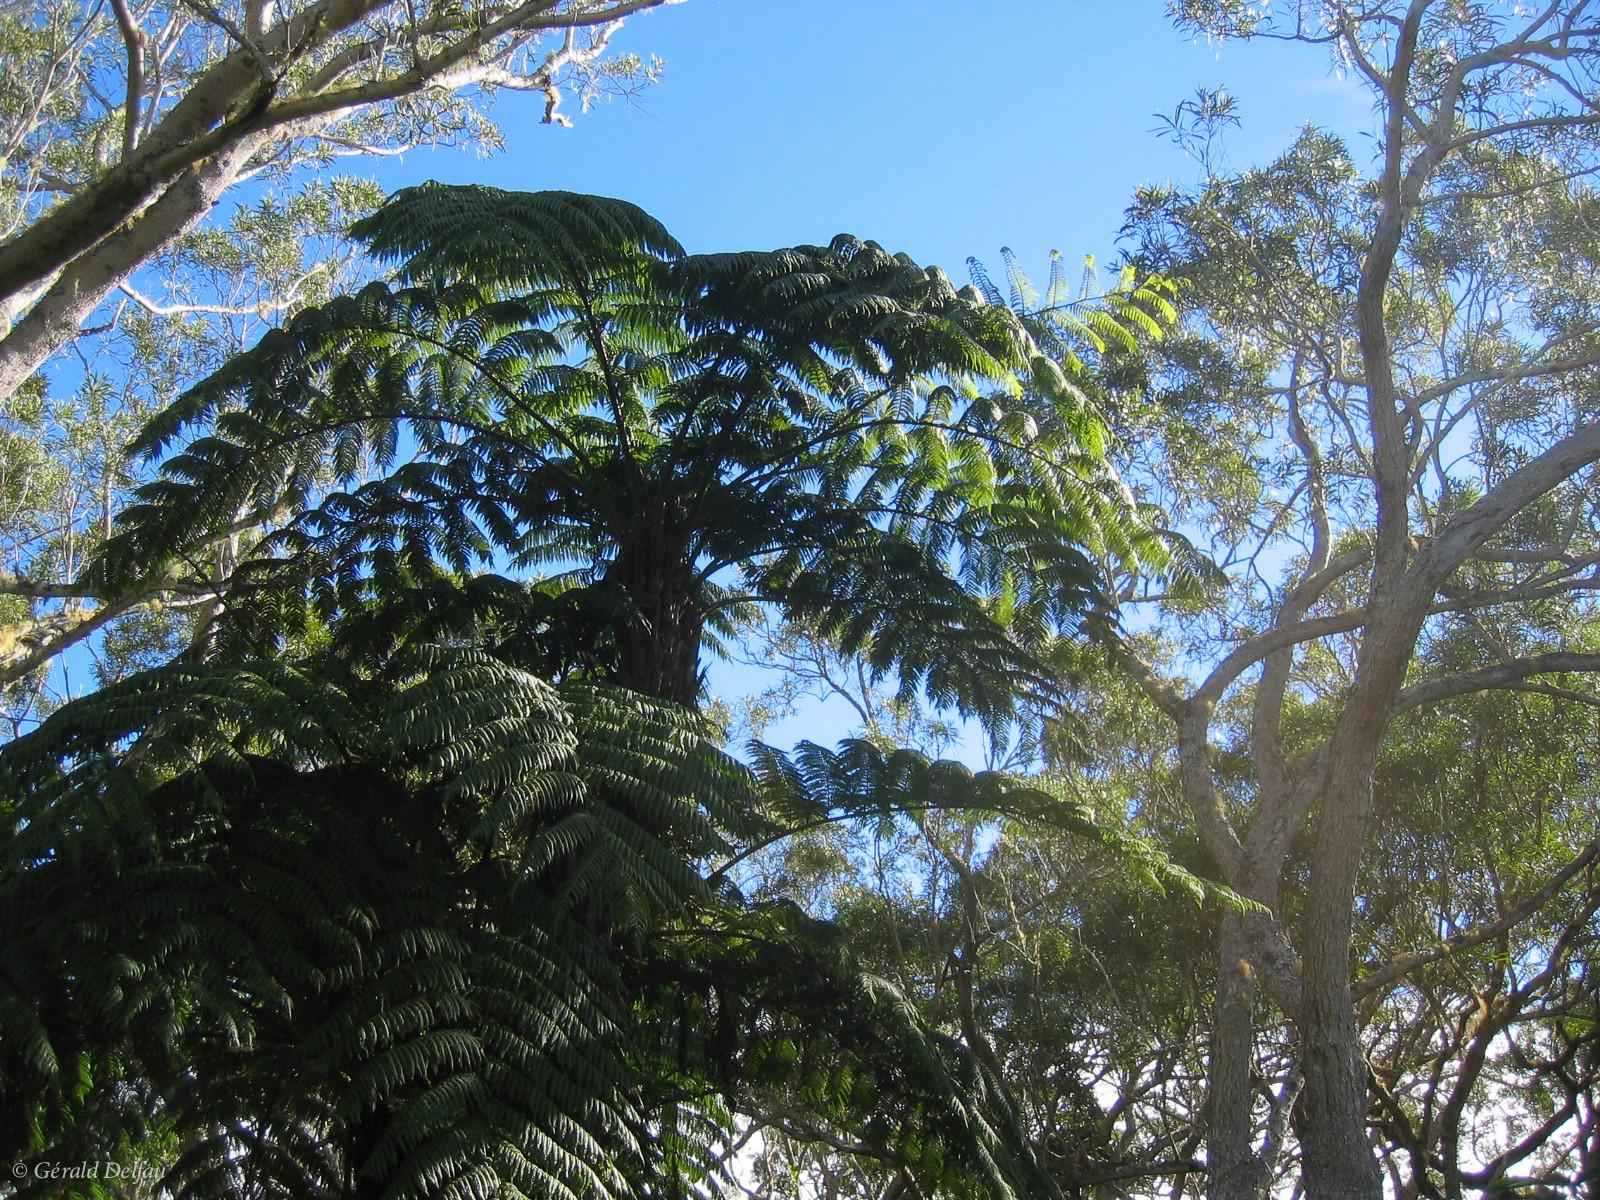 Fougère arborescente, Forêt de Bélouve, Ile de la Réunion